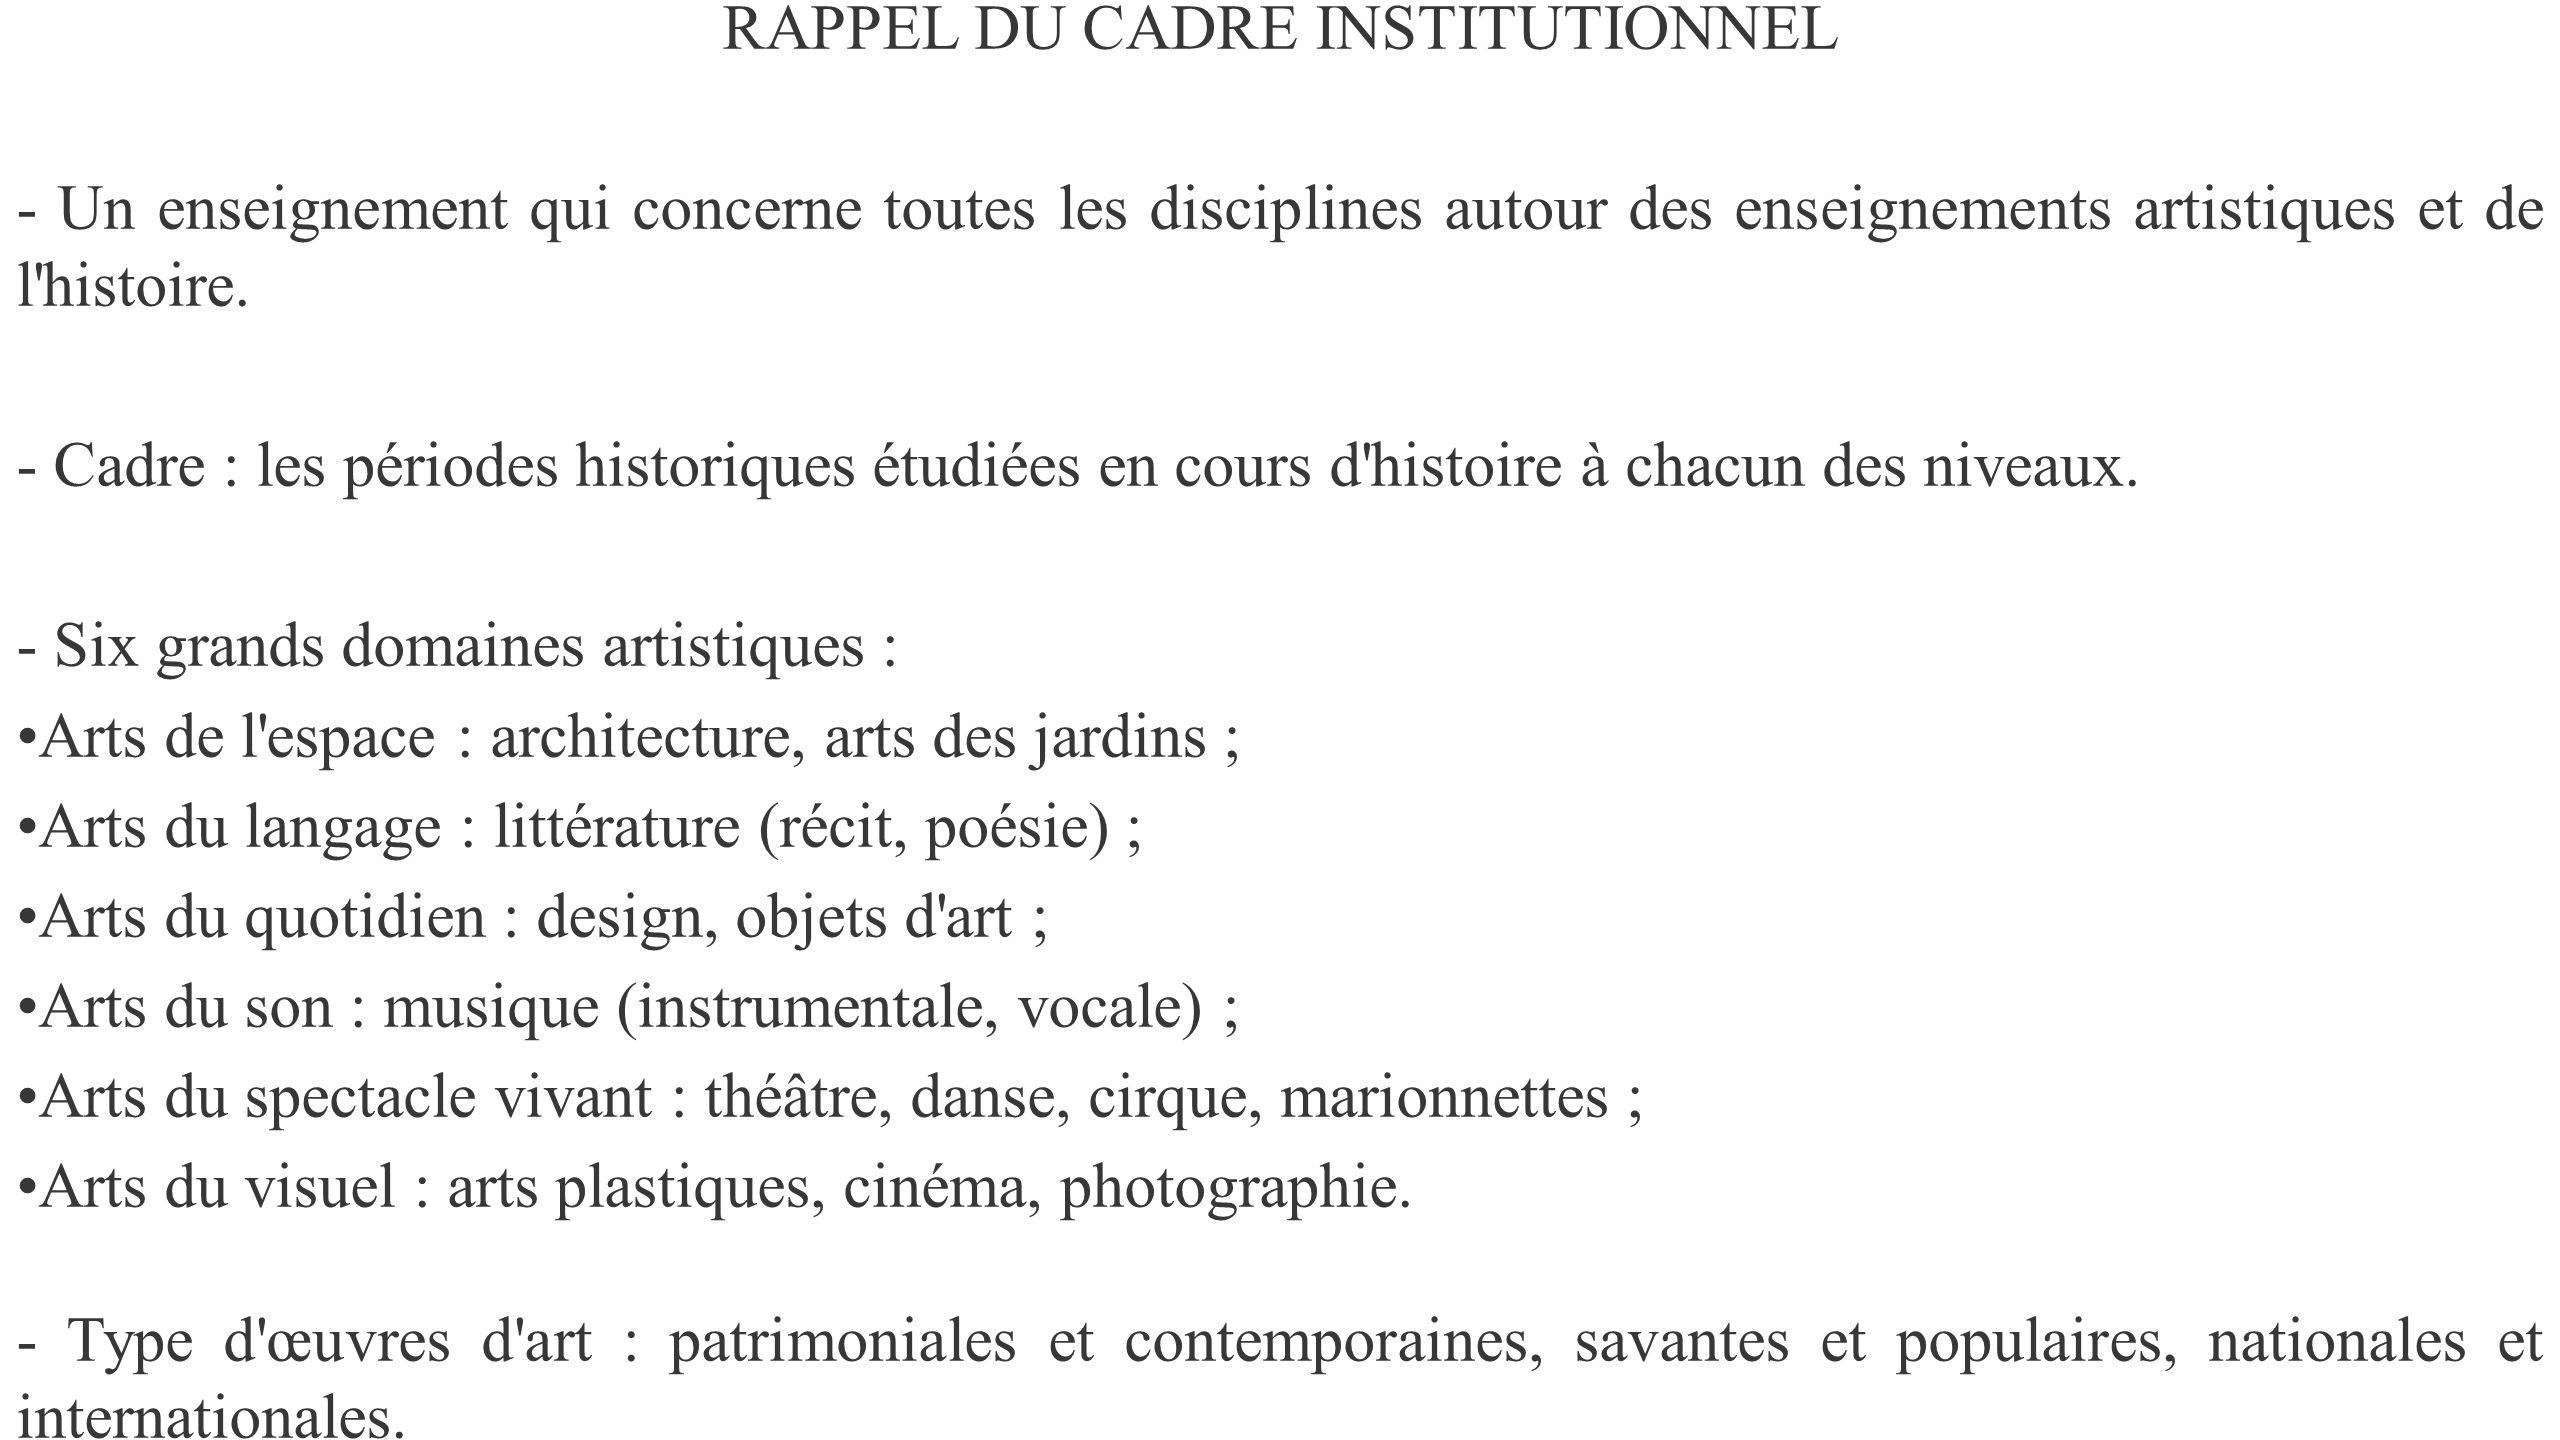 RAPPEL DU CADRE INSTITUTIONNEL - Un enseignement qui concerne toutes les disciplines autour des enseignements artistiques et de l'histoire. - Cadre :